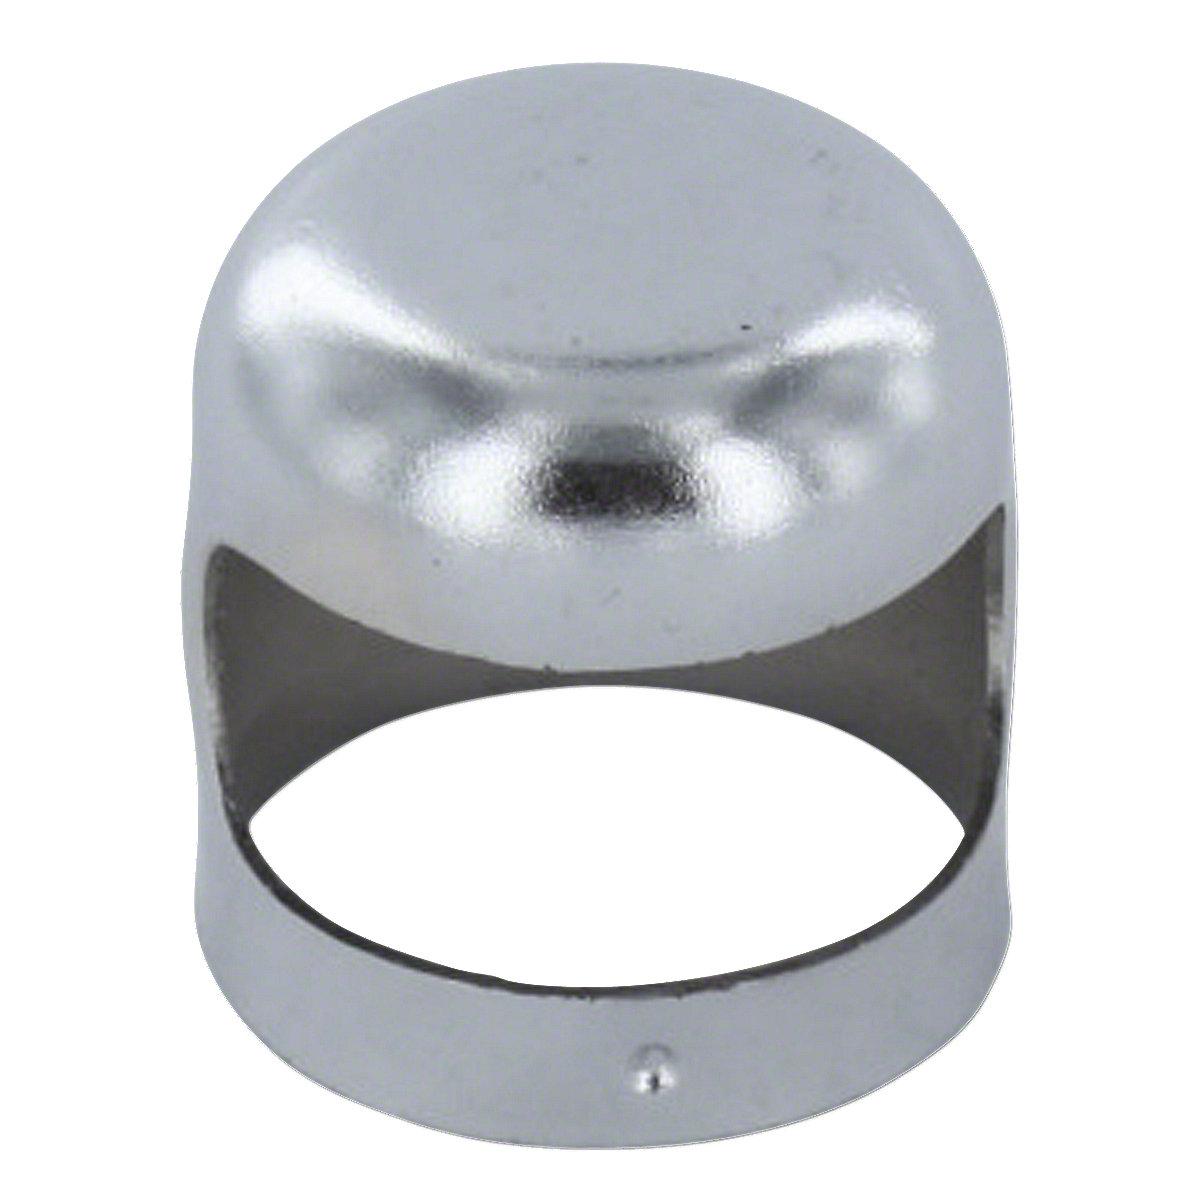 Chrome Dash Light Cover For Massey Harris: Mustang 23, 33, 333, 44, 444, 55, 555.